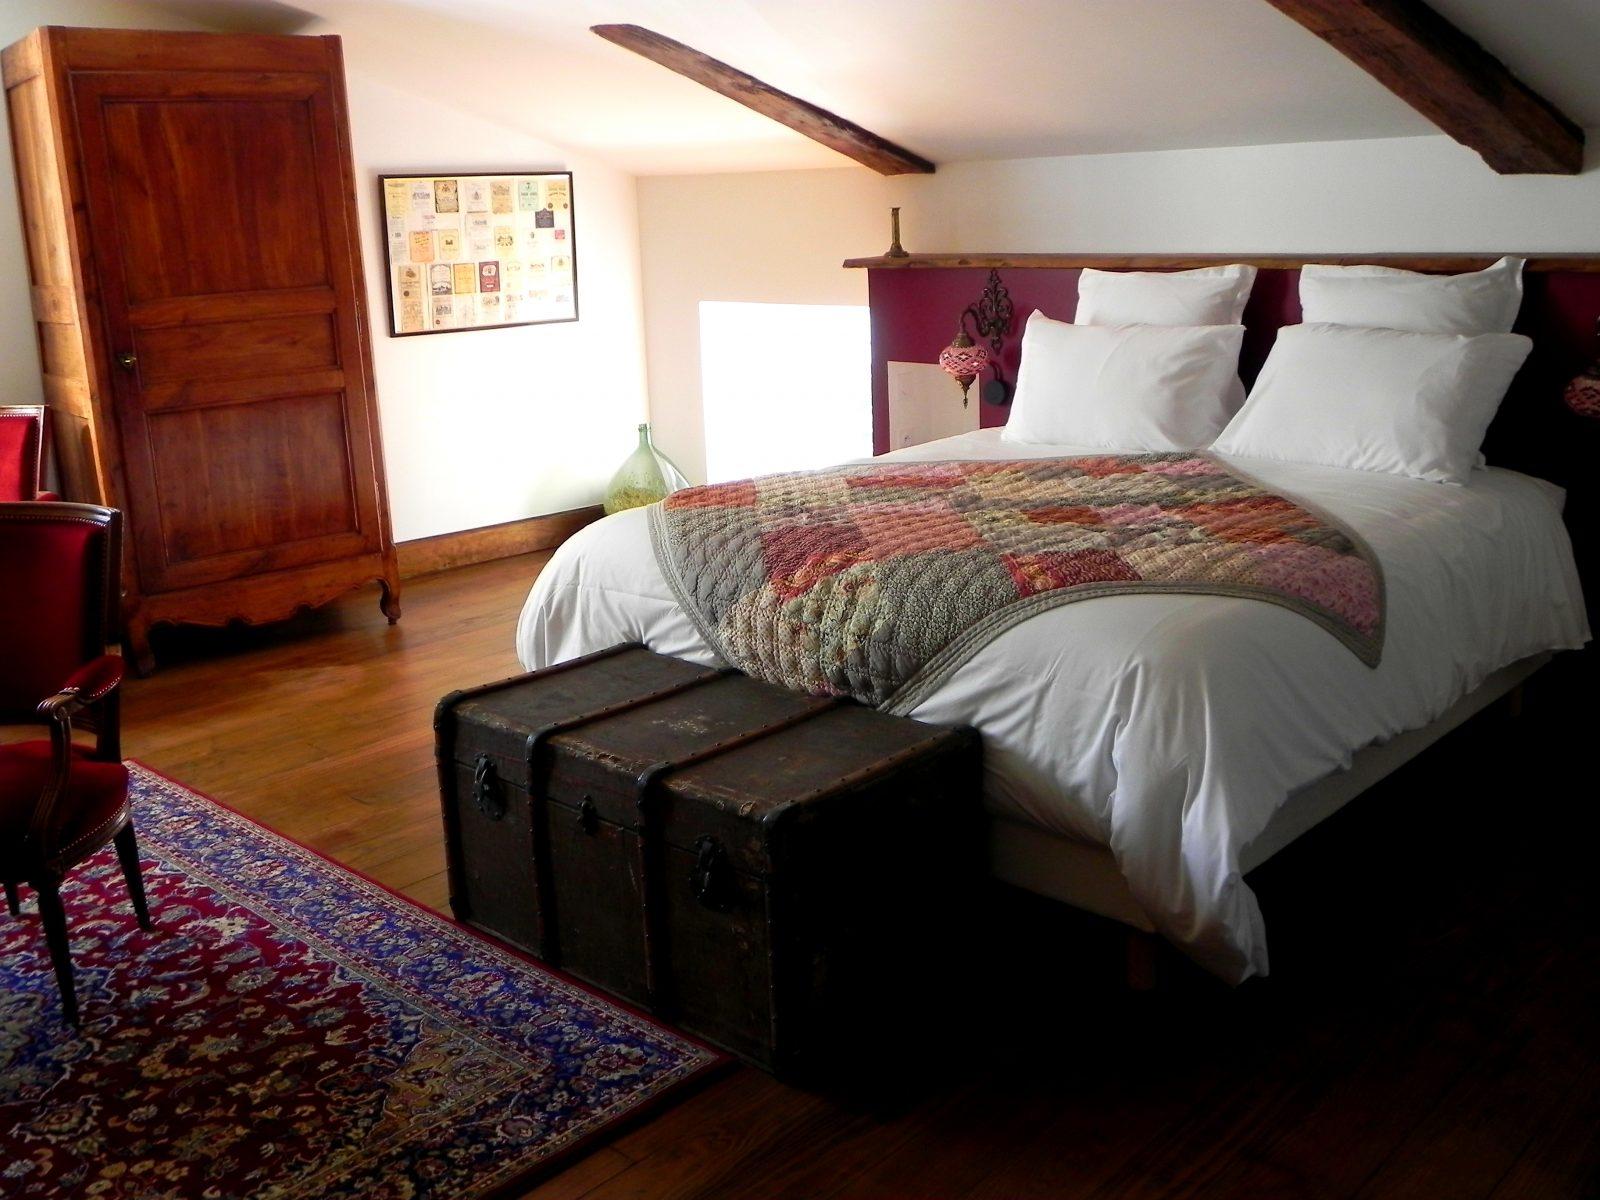 chambre La Bordelaise- Domaine de Garat